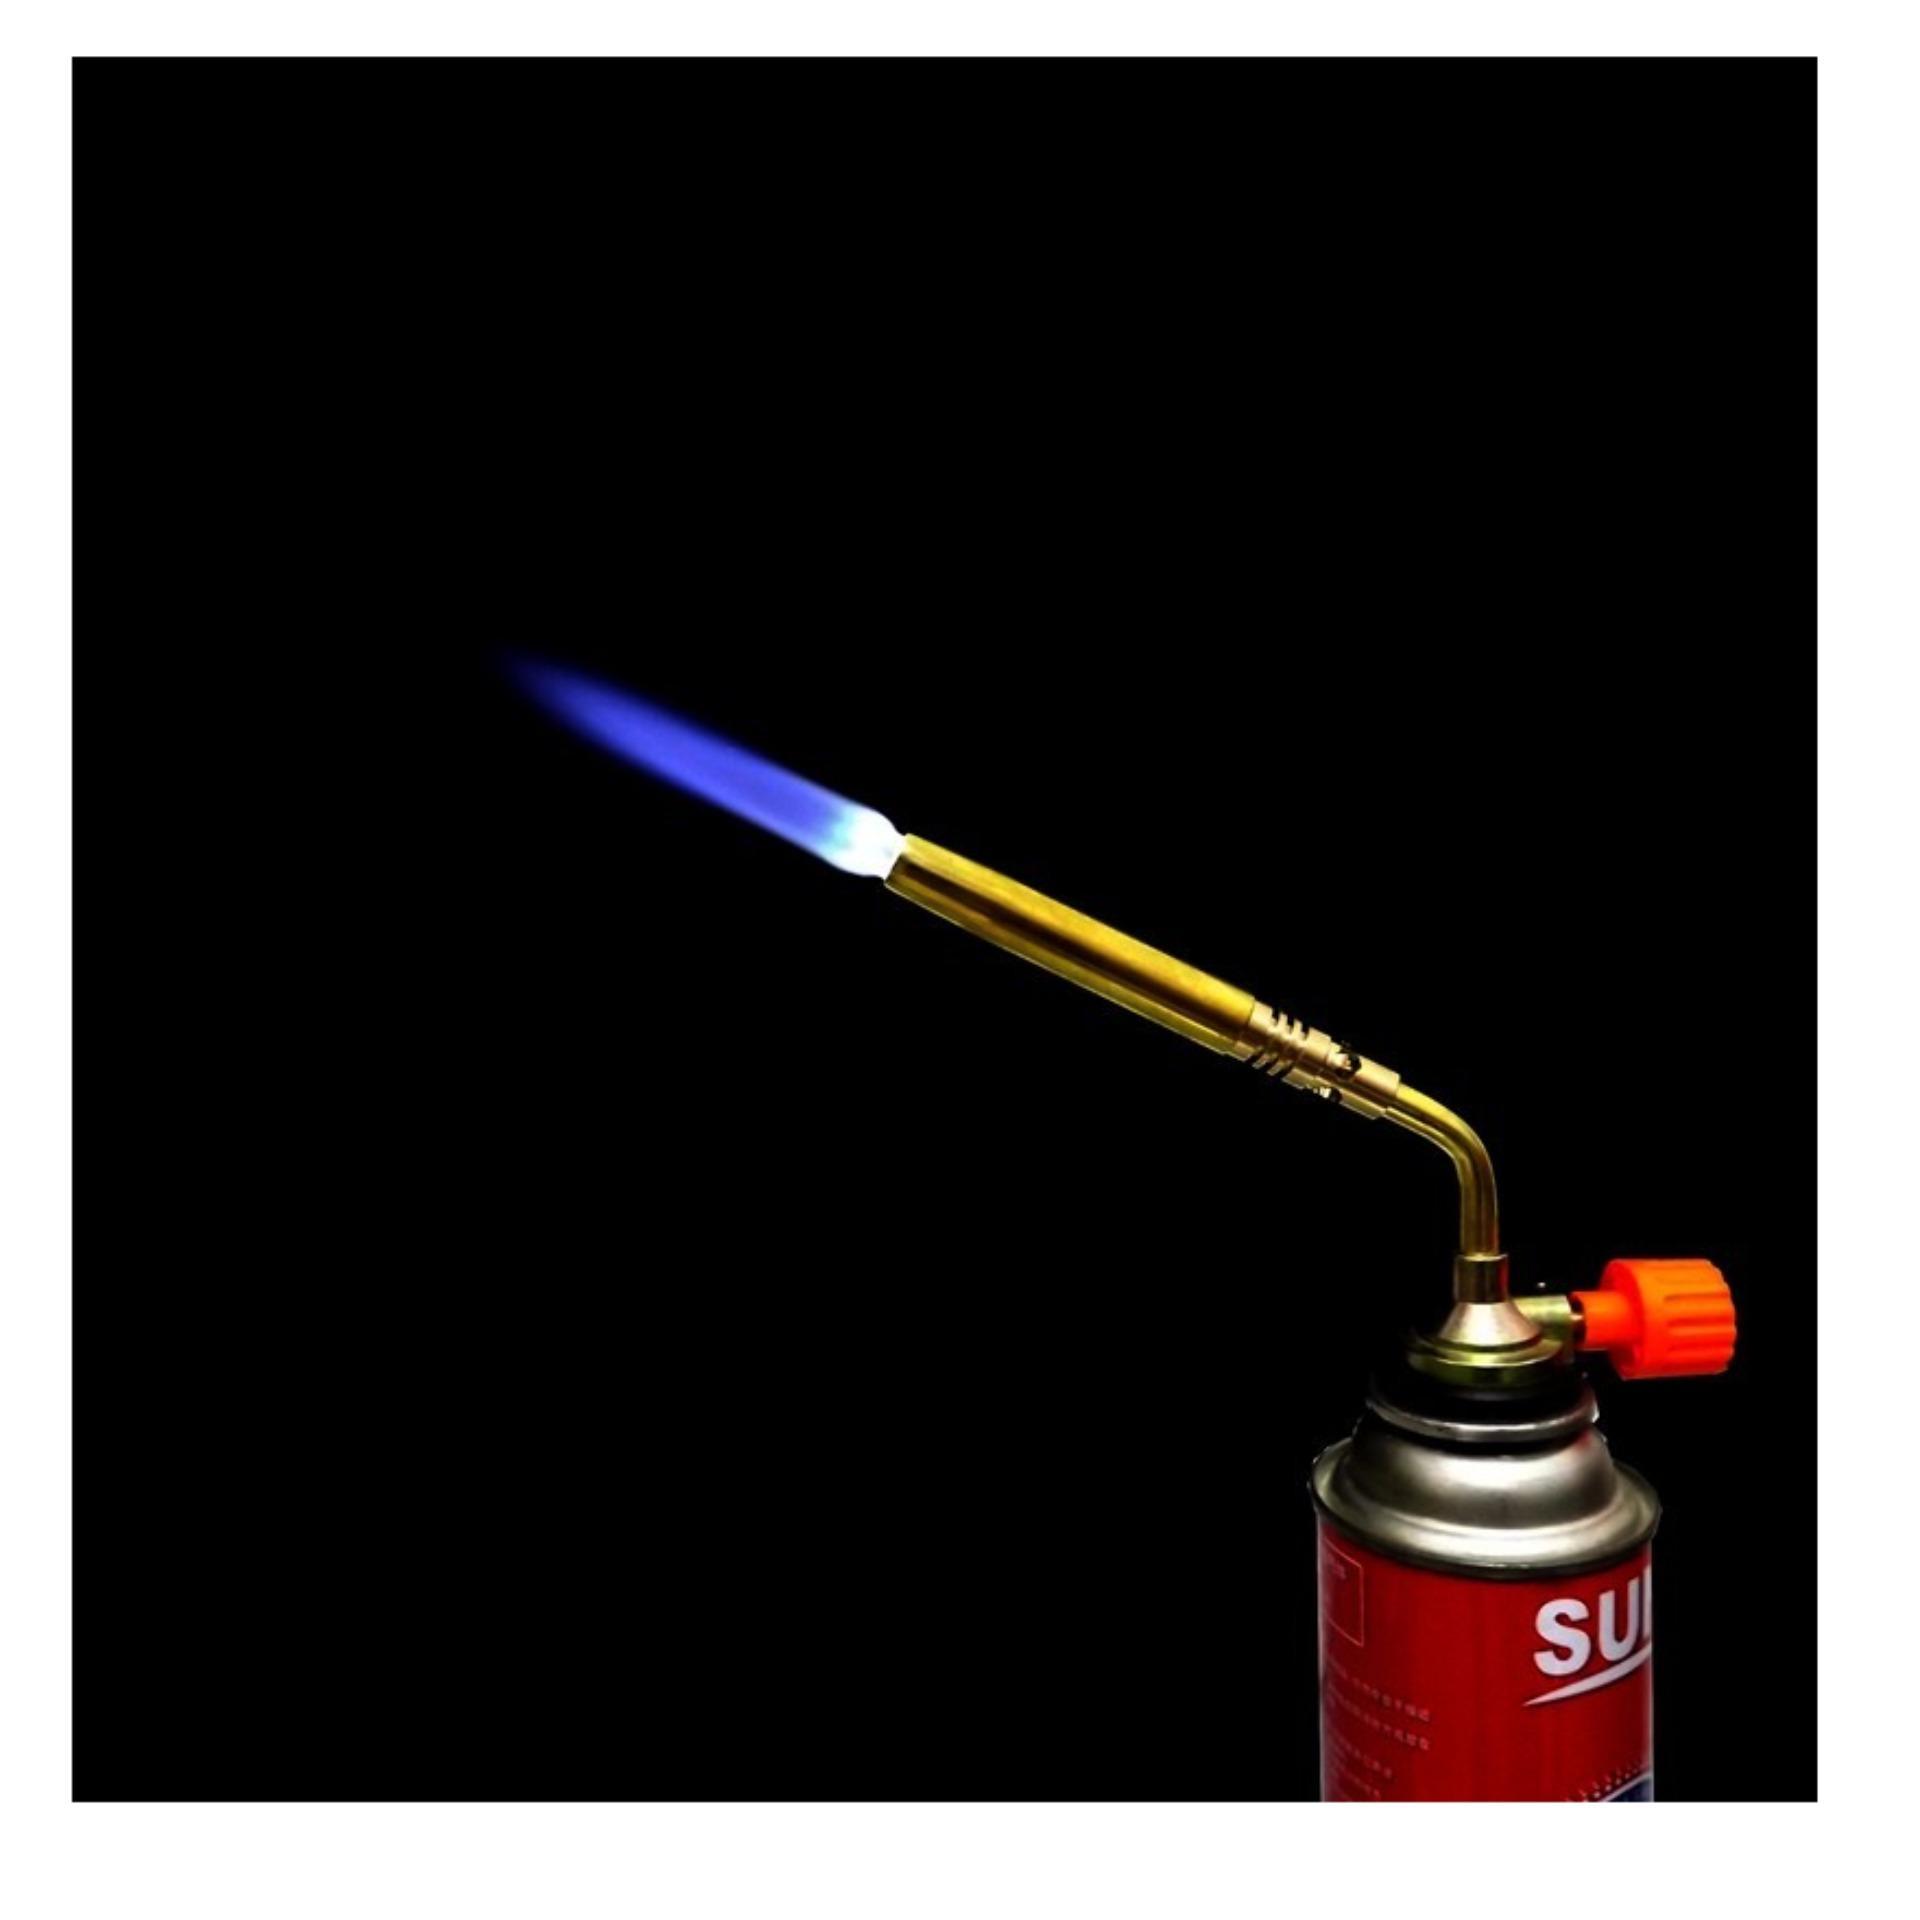 Đèn khò hàn ống đồng - Đầu khò lửa - Sử dụng bình gas mini